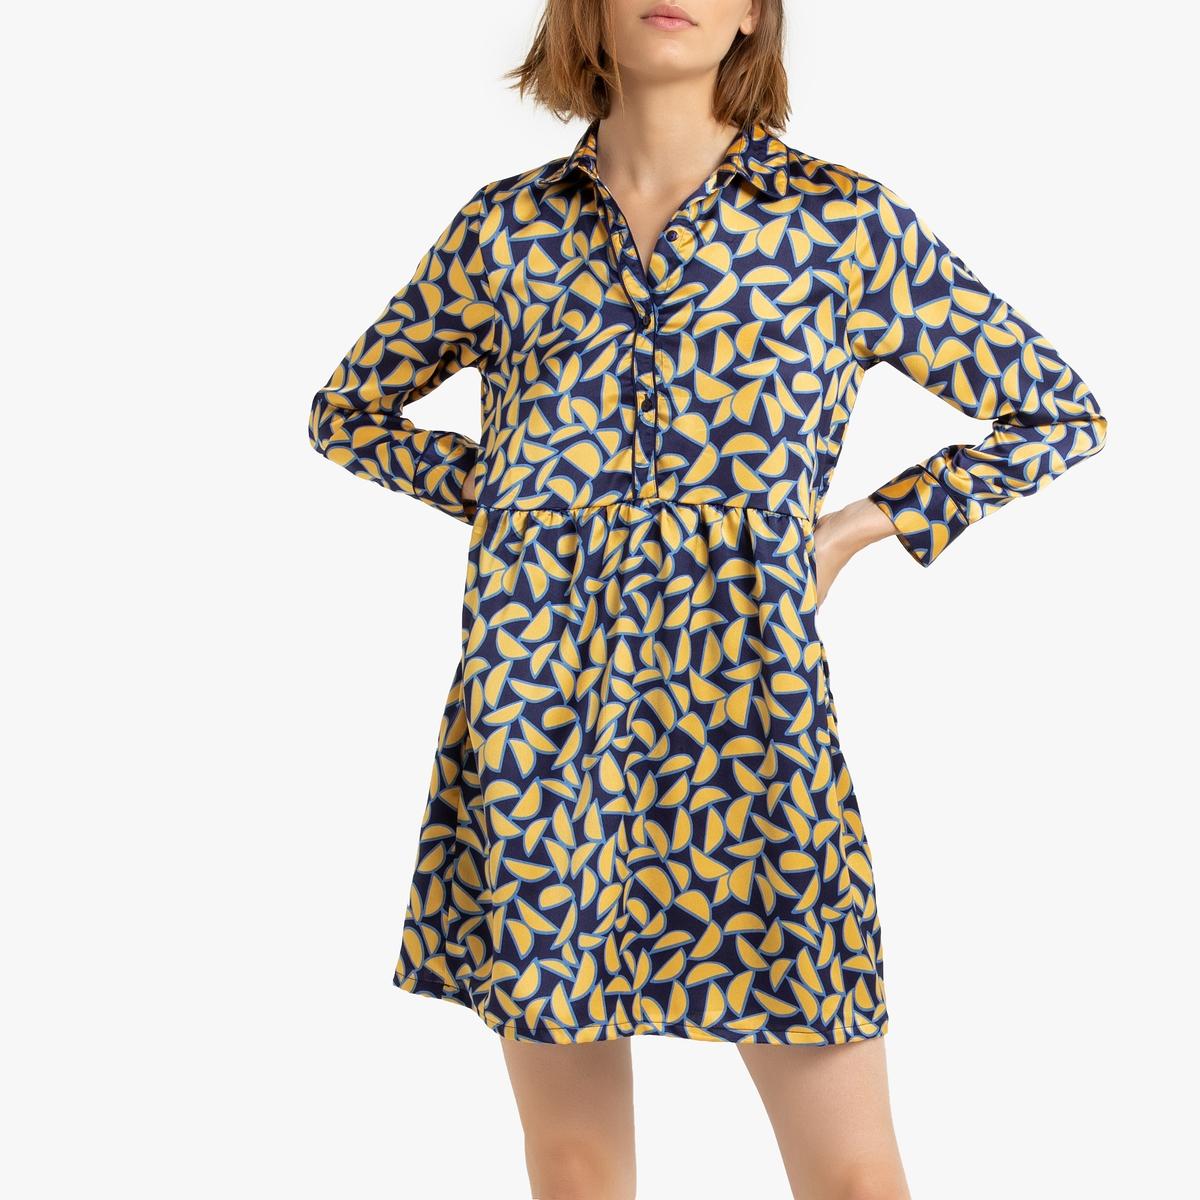 Платье La Redoute Короткое расклешенное с графическим рисунком M желтый платье короткое с графическим рисунком без рукавов